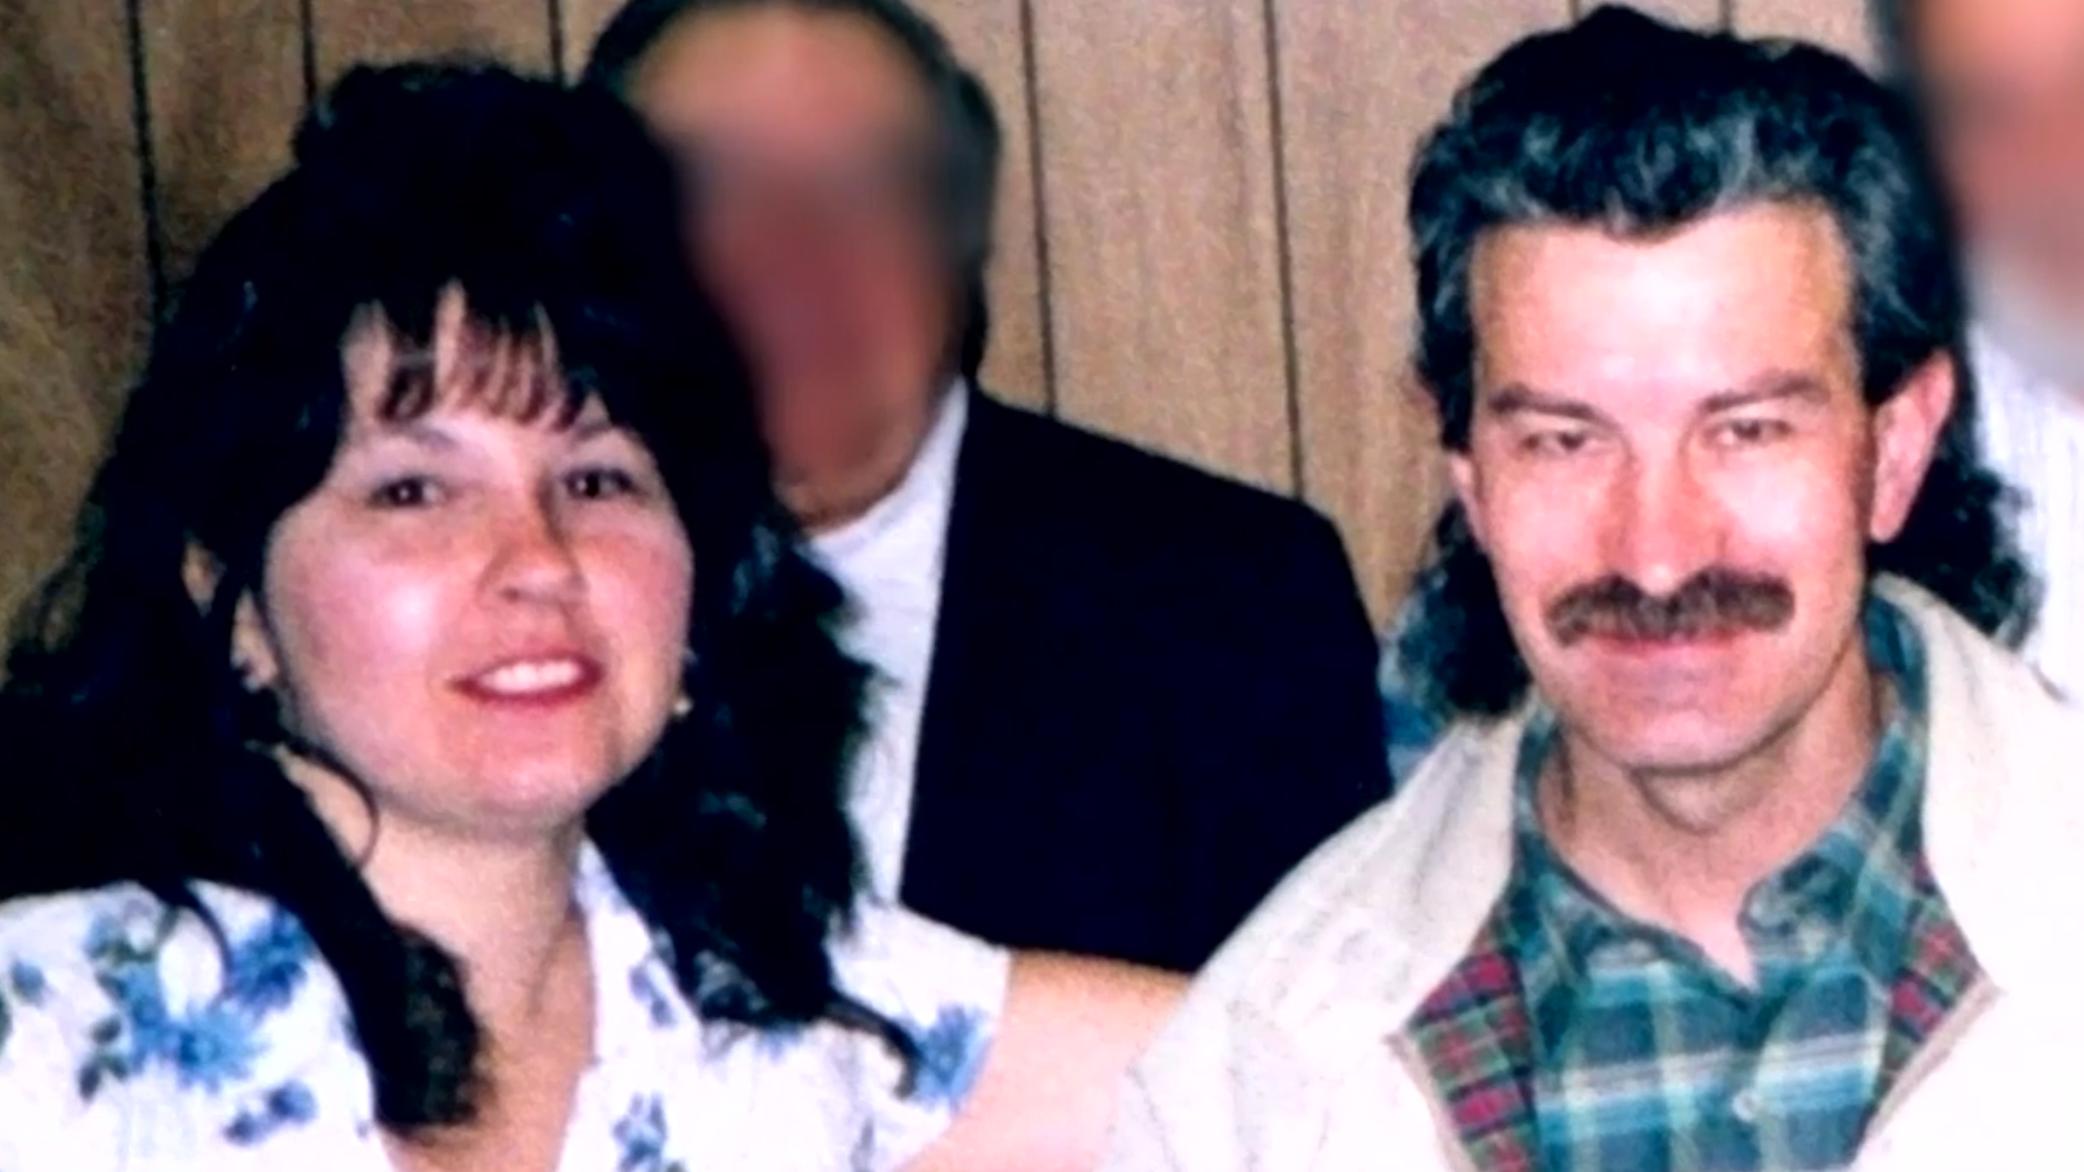 Ο Missouri Man σκοτώνει τον καλύτερο φίλο του για να συνομιλήσει με τη σύζυγό του, αλλά τον έπαιξε;